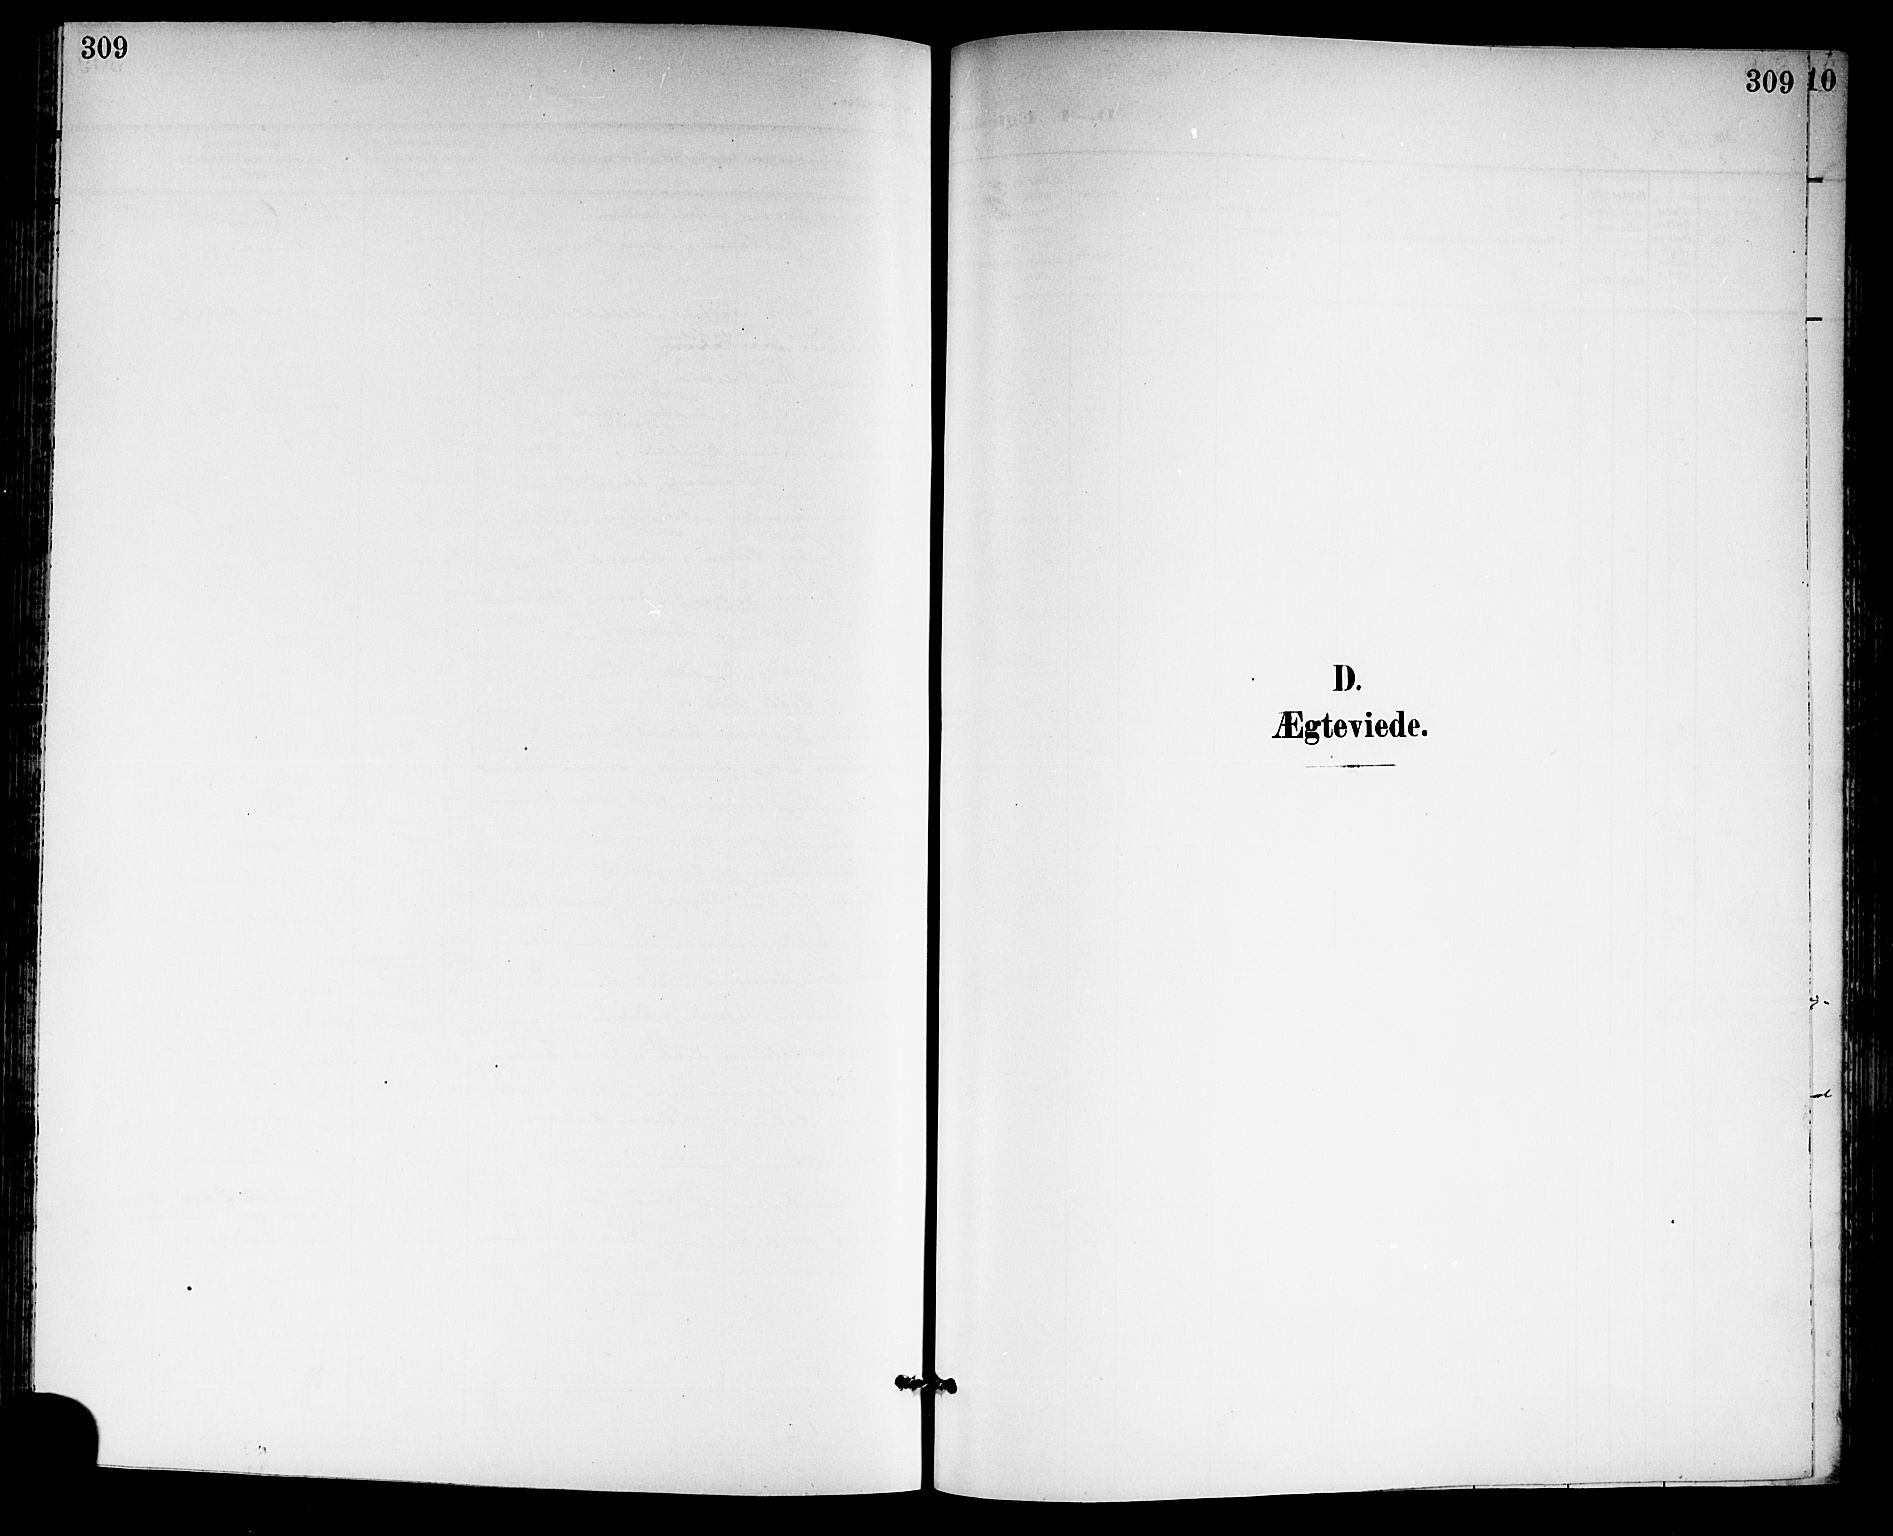 SAKO, Gjerpen kirkebøker, G/Ga/L0003: Klokkerbok nr. I 3, 1901-1919, s. 309